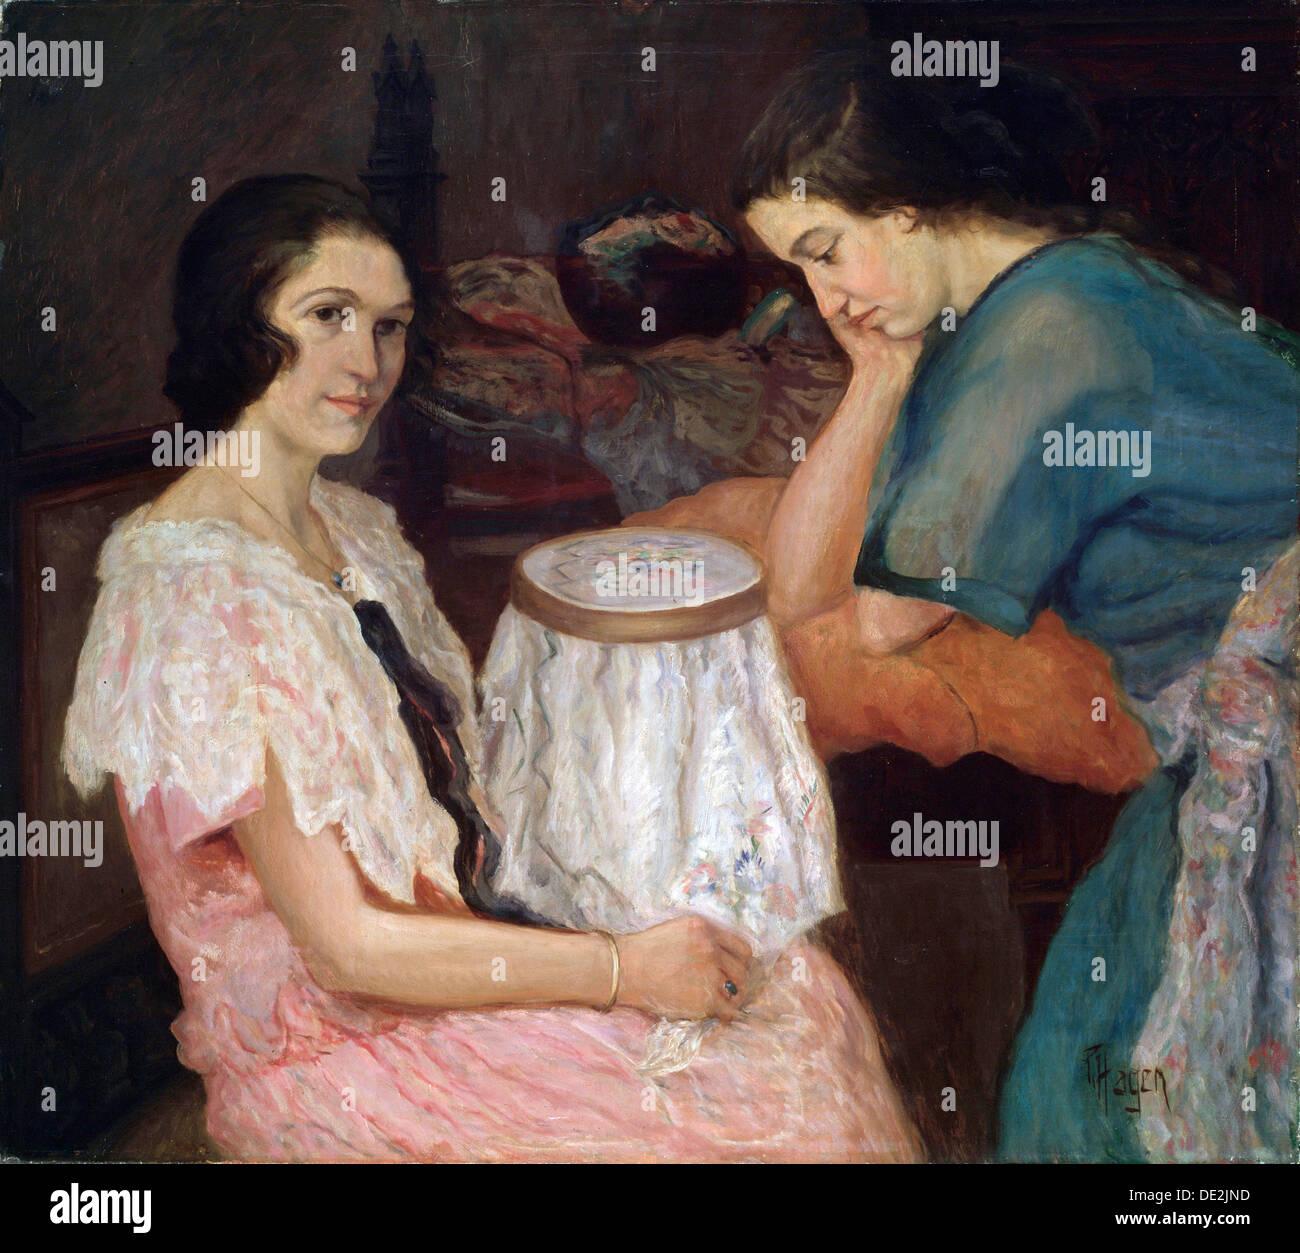 'La ricamatrice', XIX o xx secolo artista: Paolo Hagen Immagini Stock